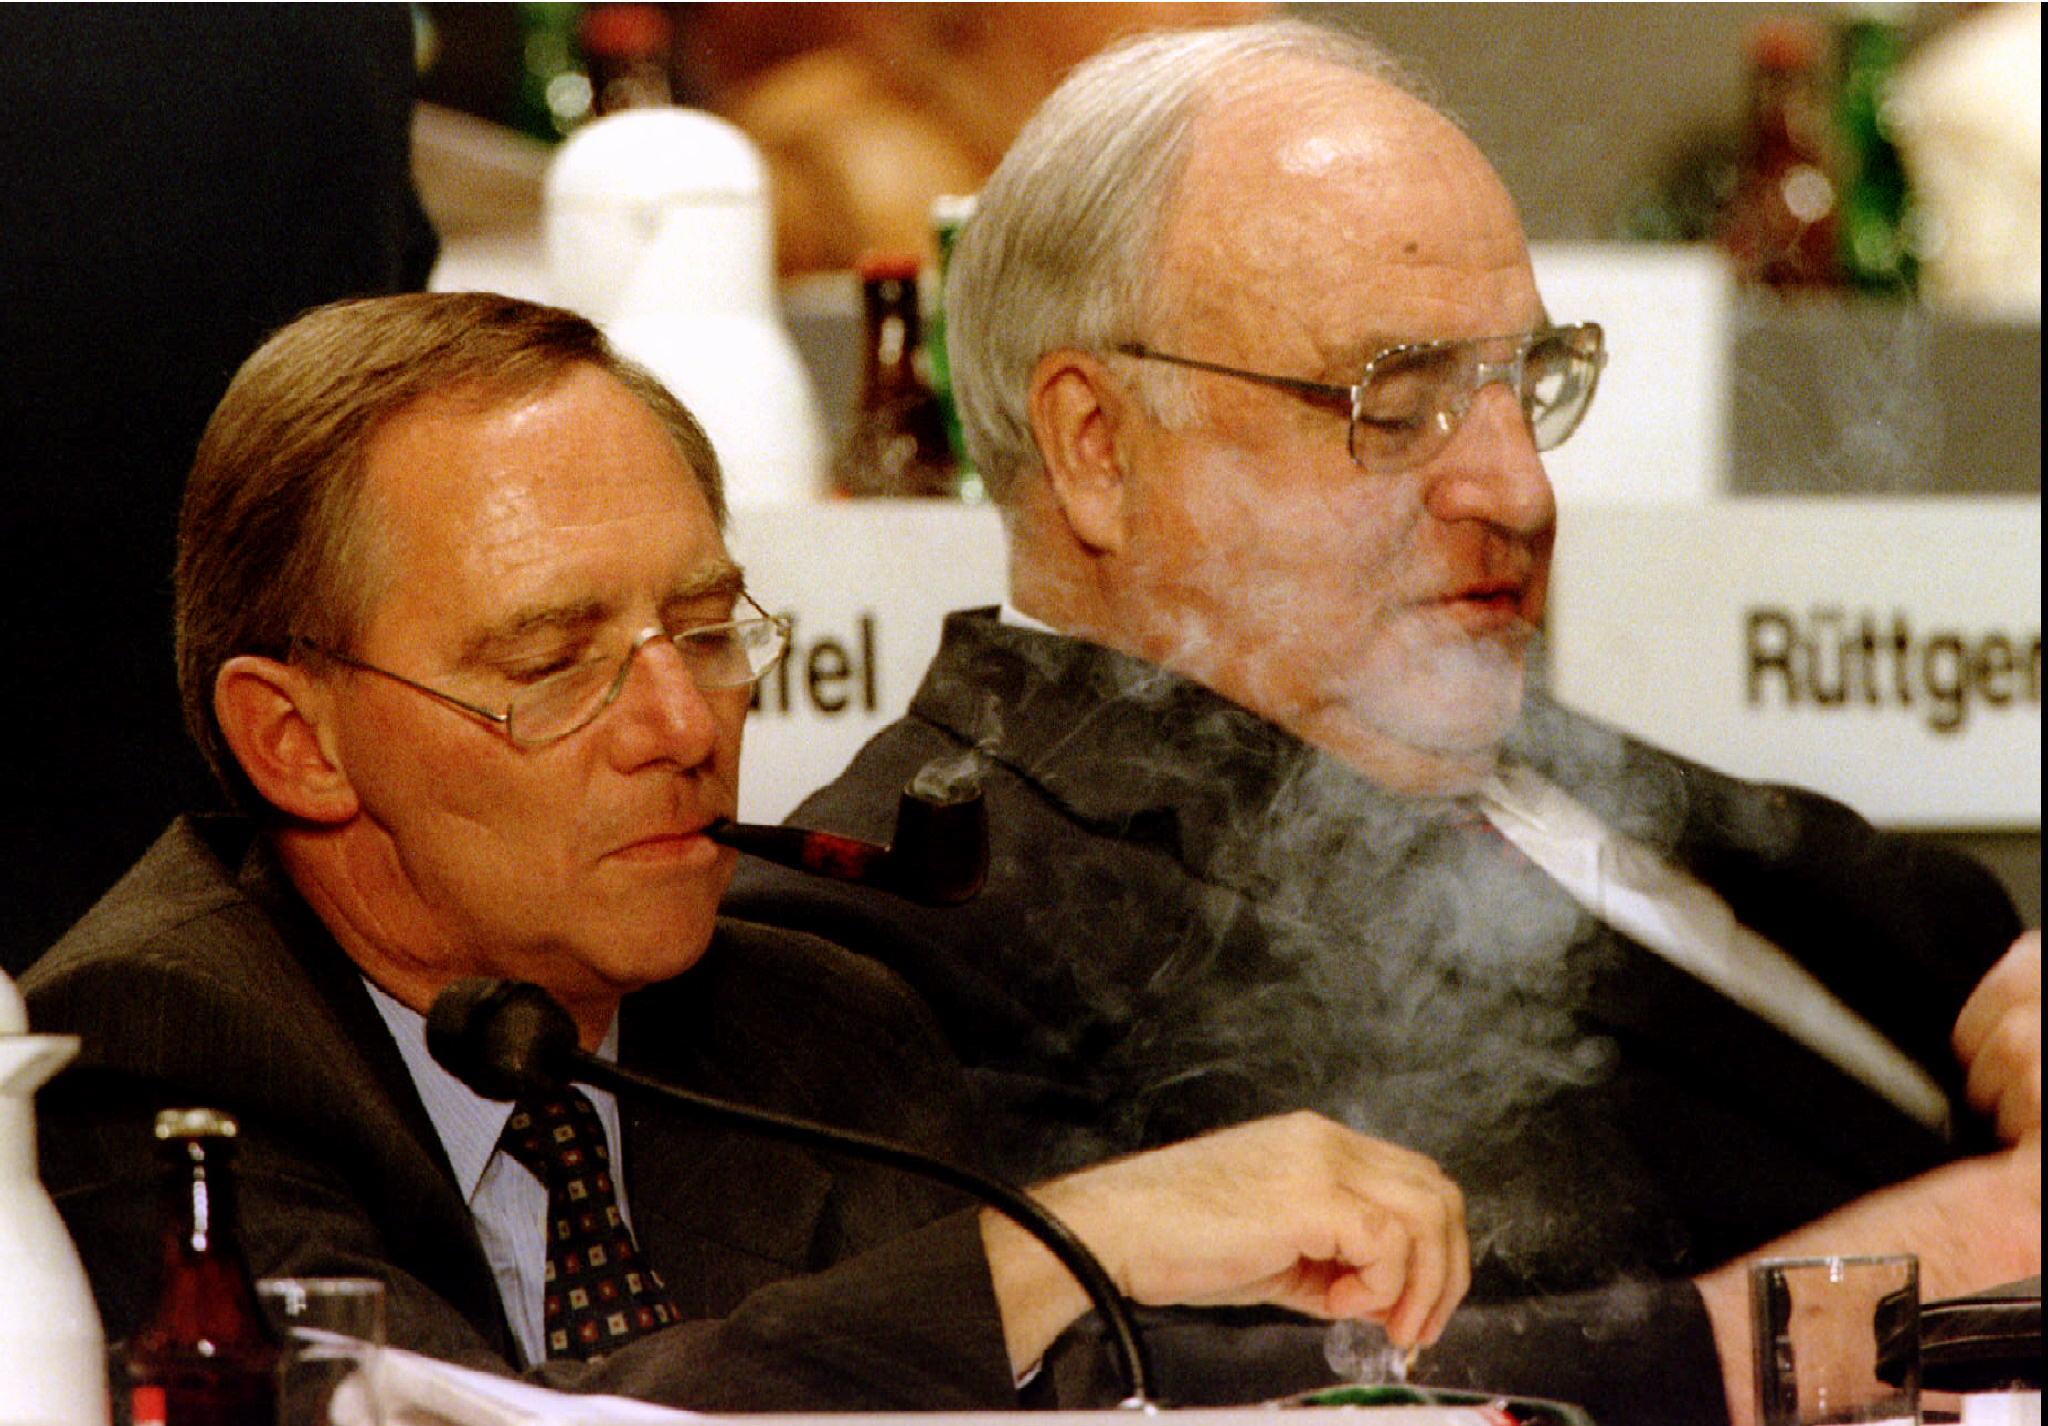 Helmut Kohl e o político alemão do partido União Democrata-Cristã (CDU)  Wolfgang Schaeuble durante um plenário do partido, em Karlsruhe, 1995